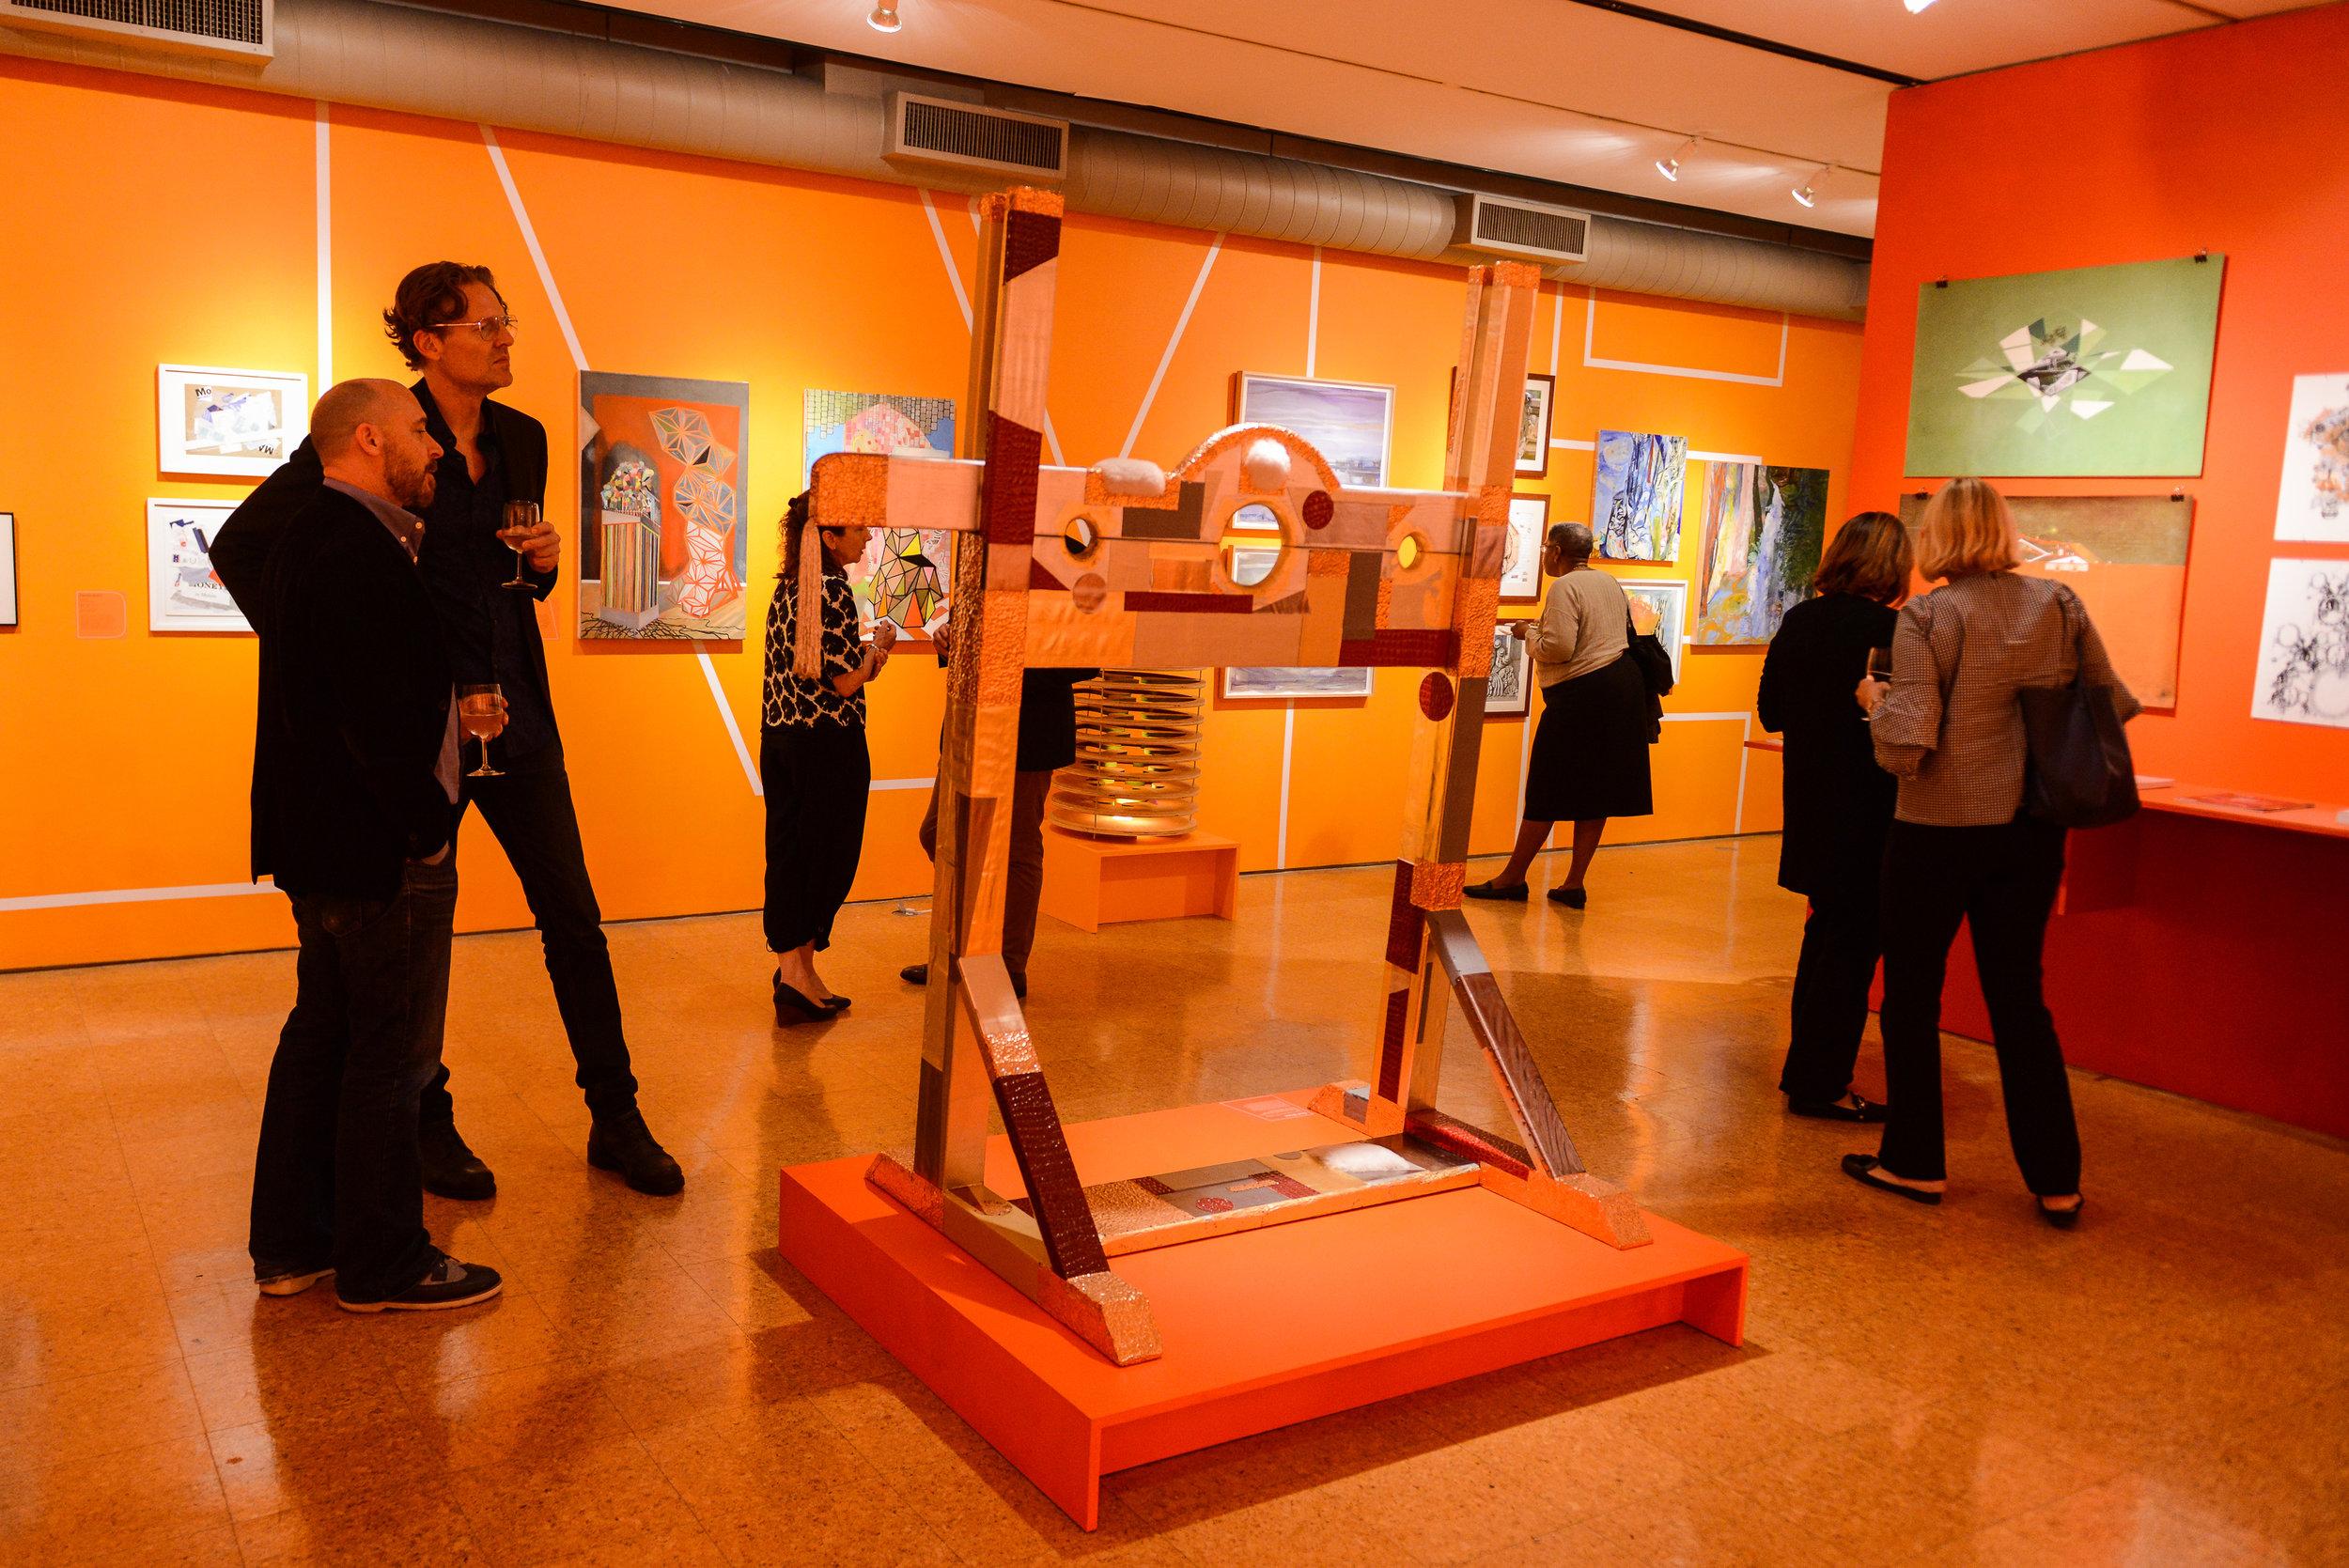 creative-scholarship-a-nysid-faculty-exhibition_36845148423_o[1].jpg